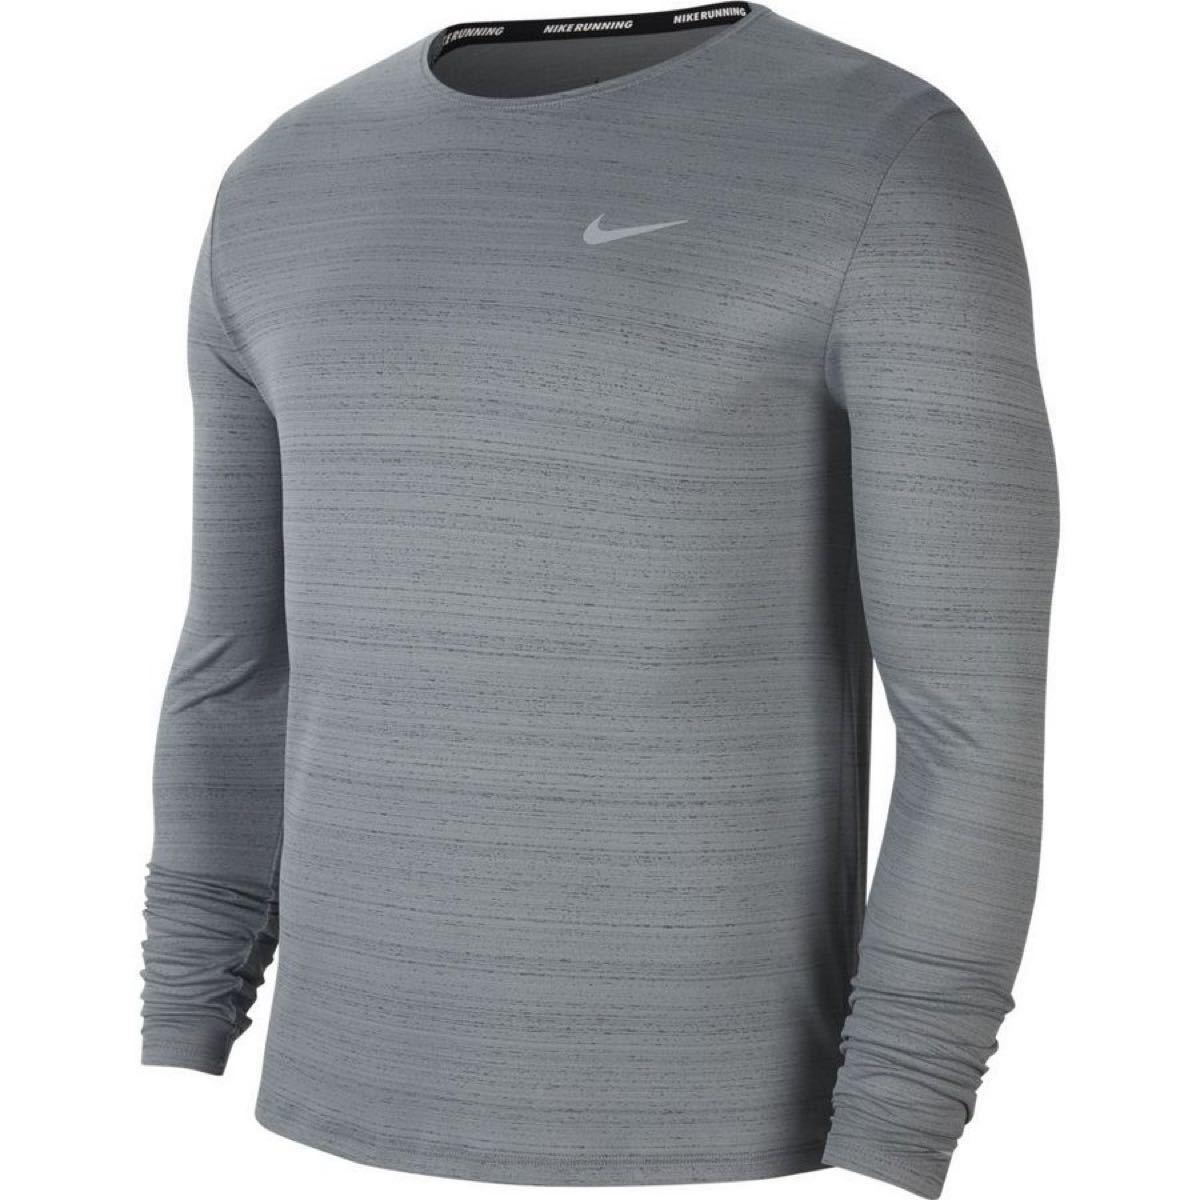 NIKE ナイキ DRI-FIT CU5990-084 ランニング ウェア 長袖Tシャツ メンズ メンズ スモークグレー